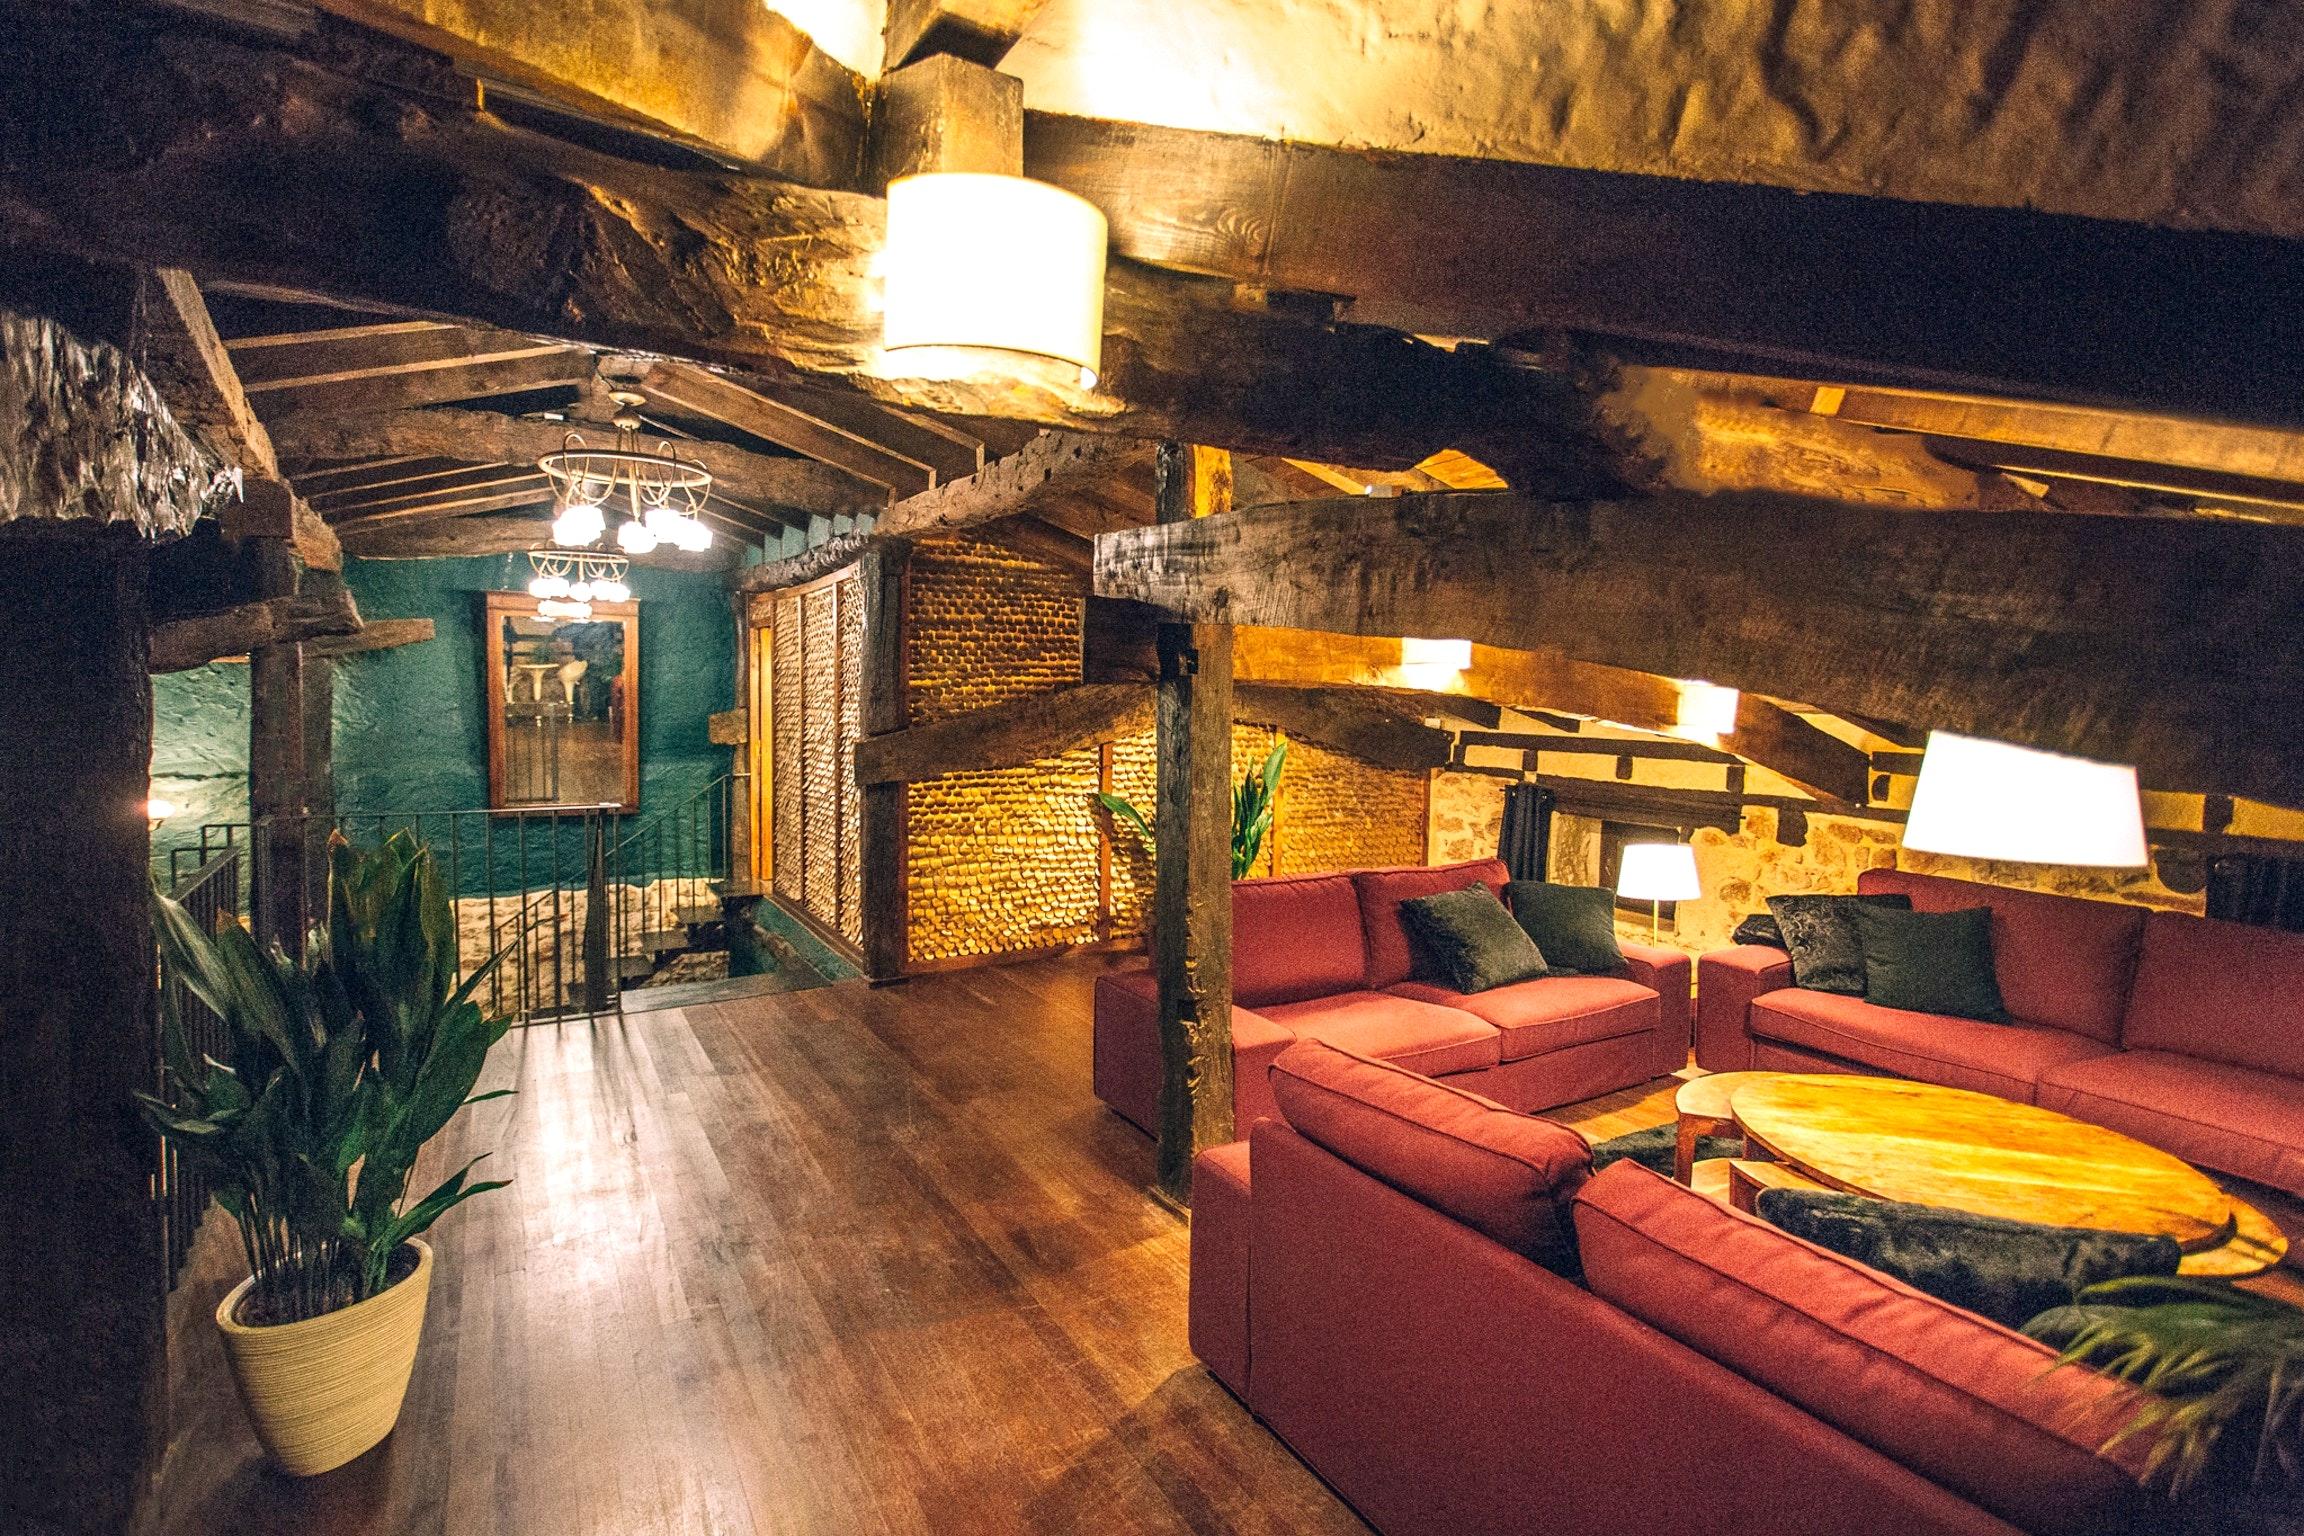 Ferienhaus Haus mit 5 Zimmern in Fuenteodra mit toller Aussicht auf die Berge, eingezäuntem Garten un (2211142), Fuenteodra, Burgos, Kastilien-León, Spanien, Bild 7